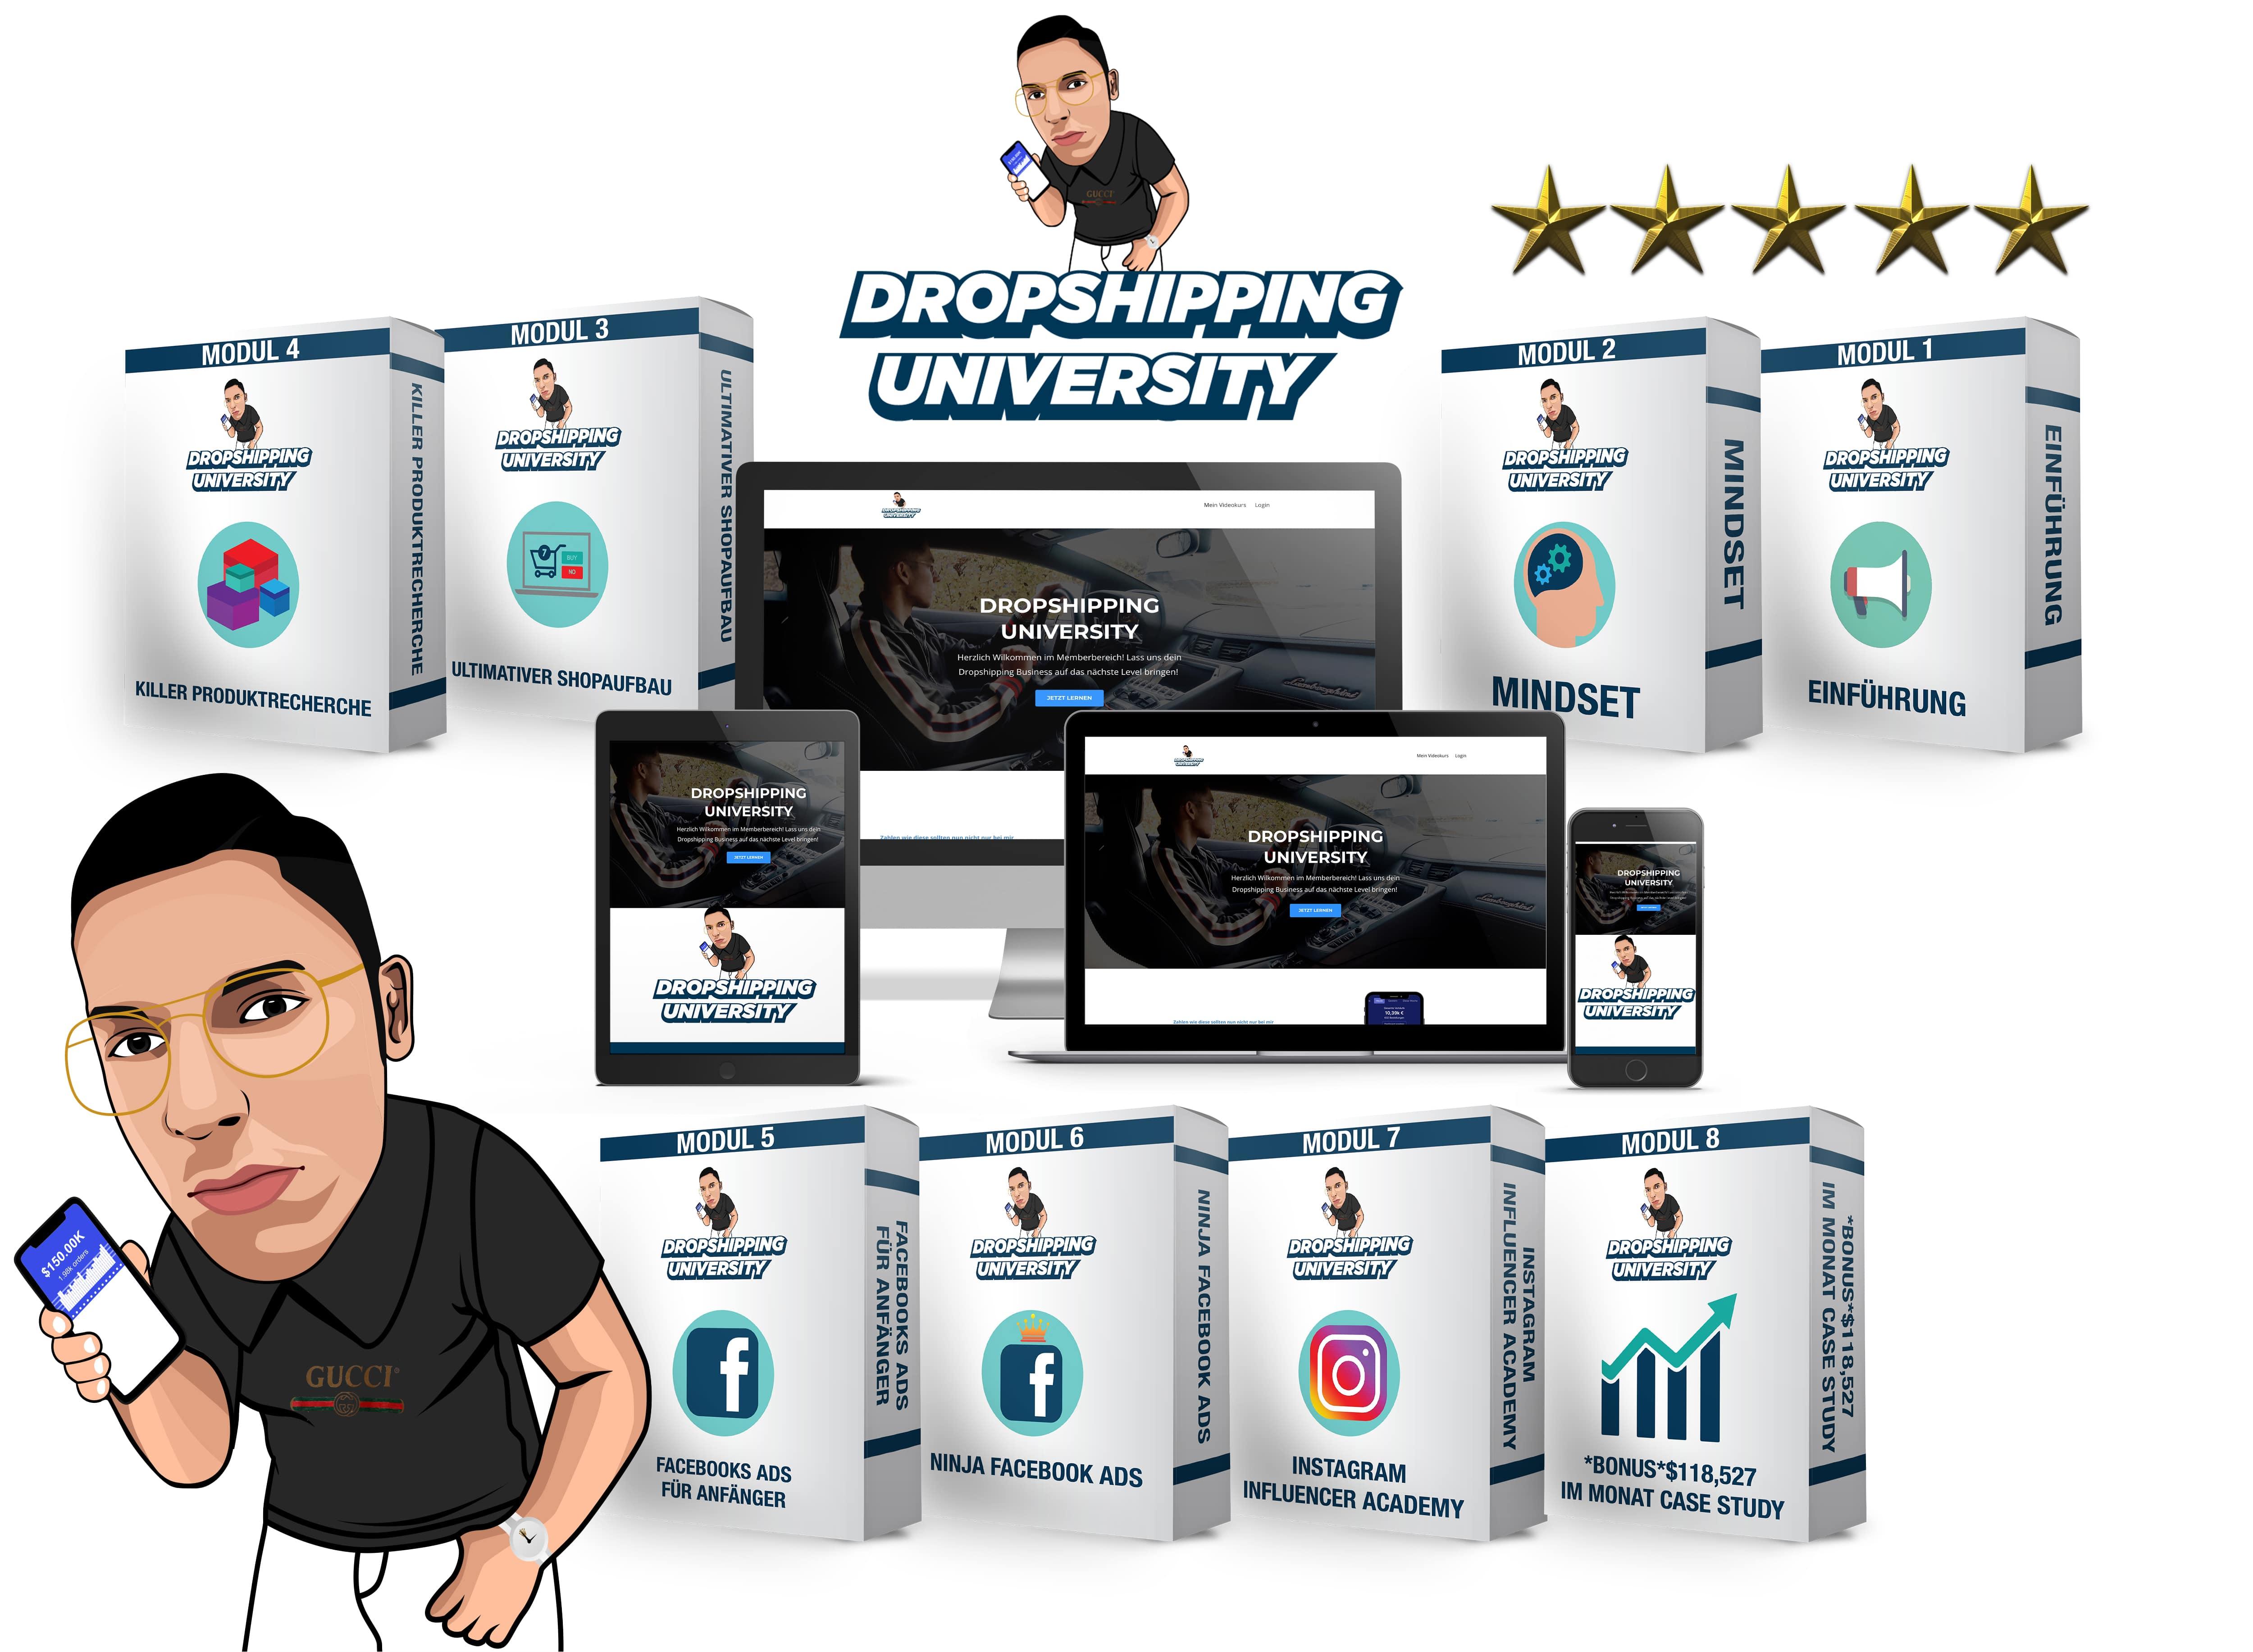 Dropshipping University - Sonderangebot